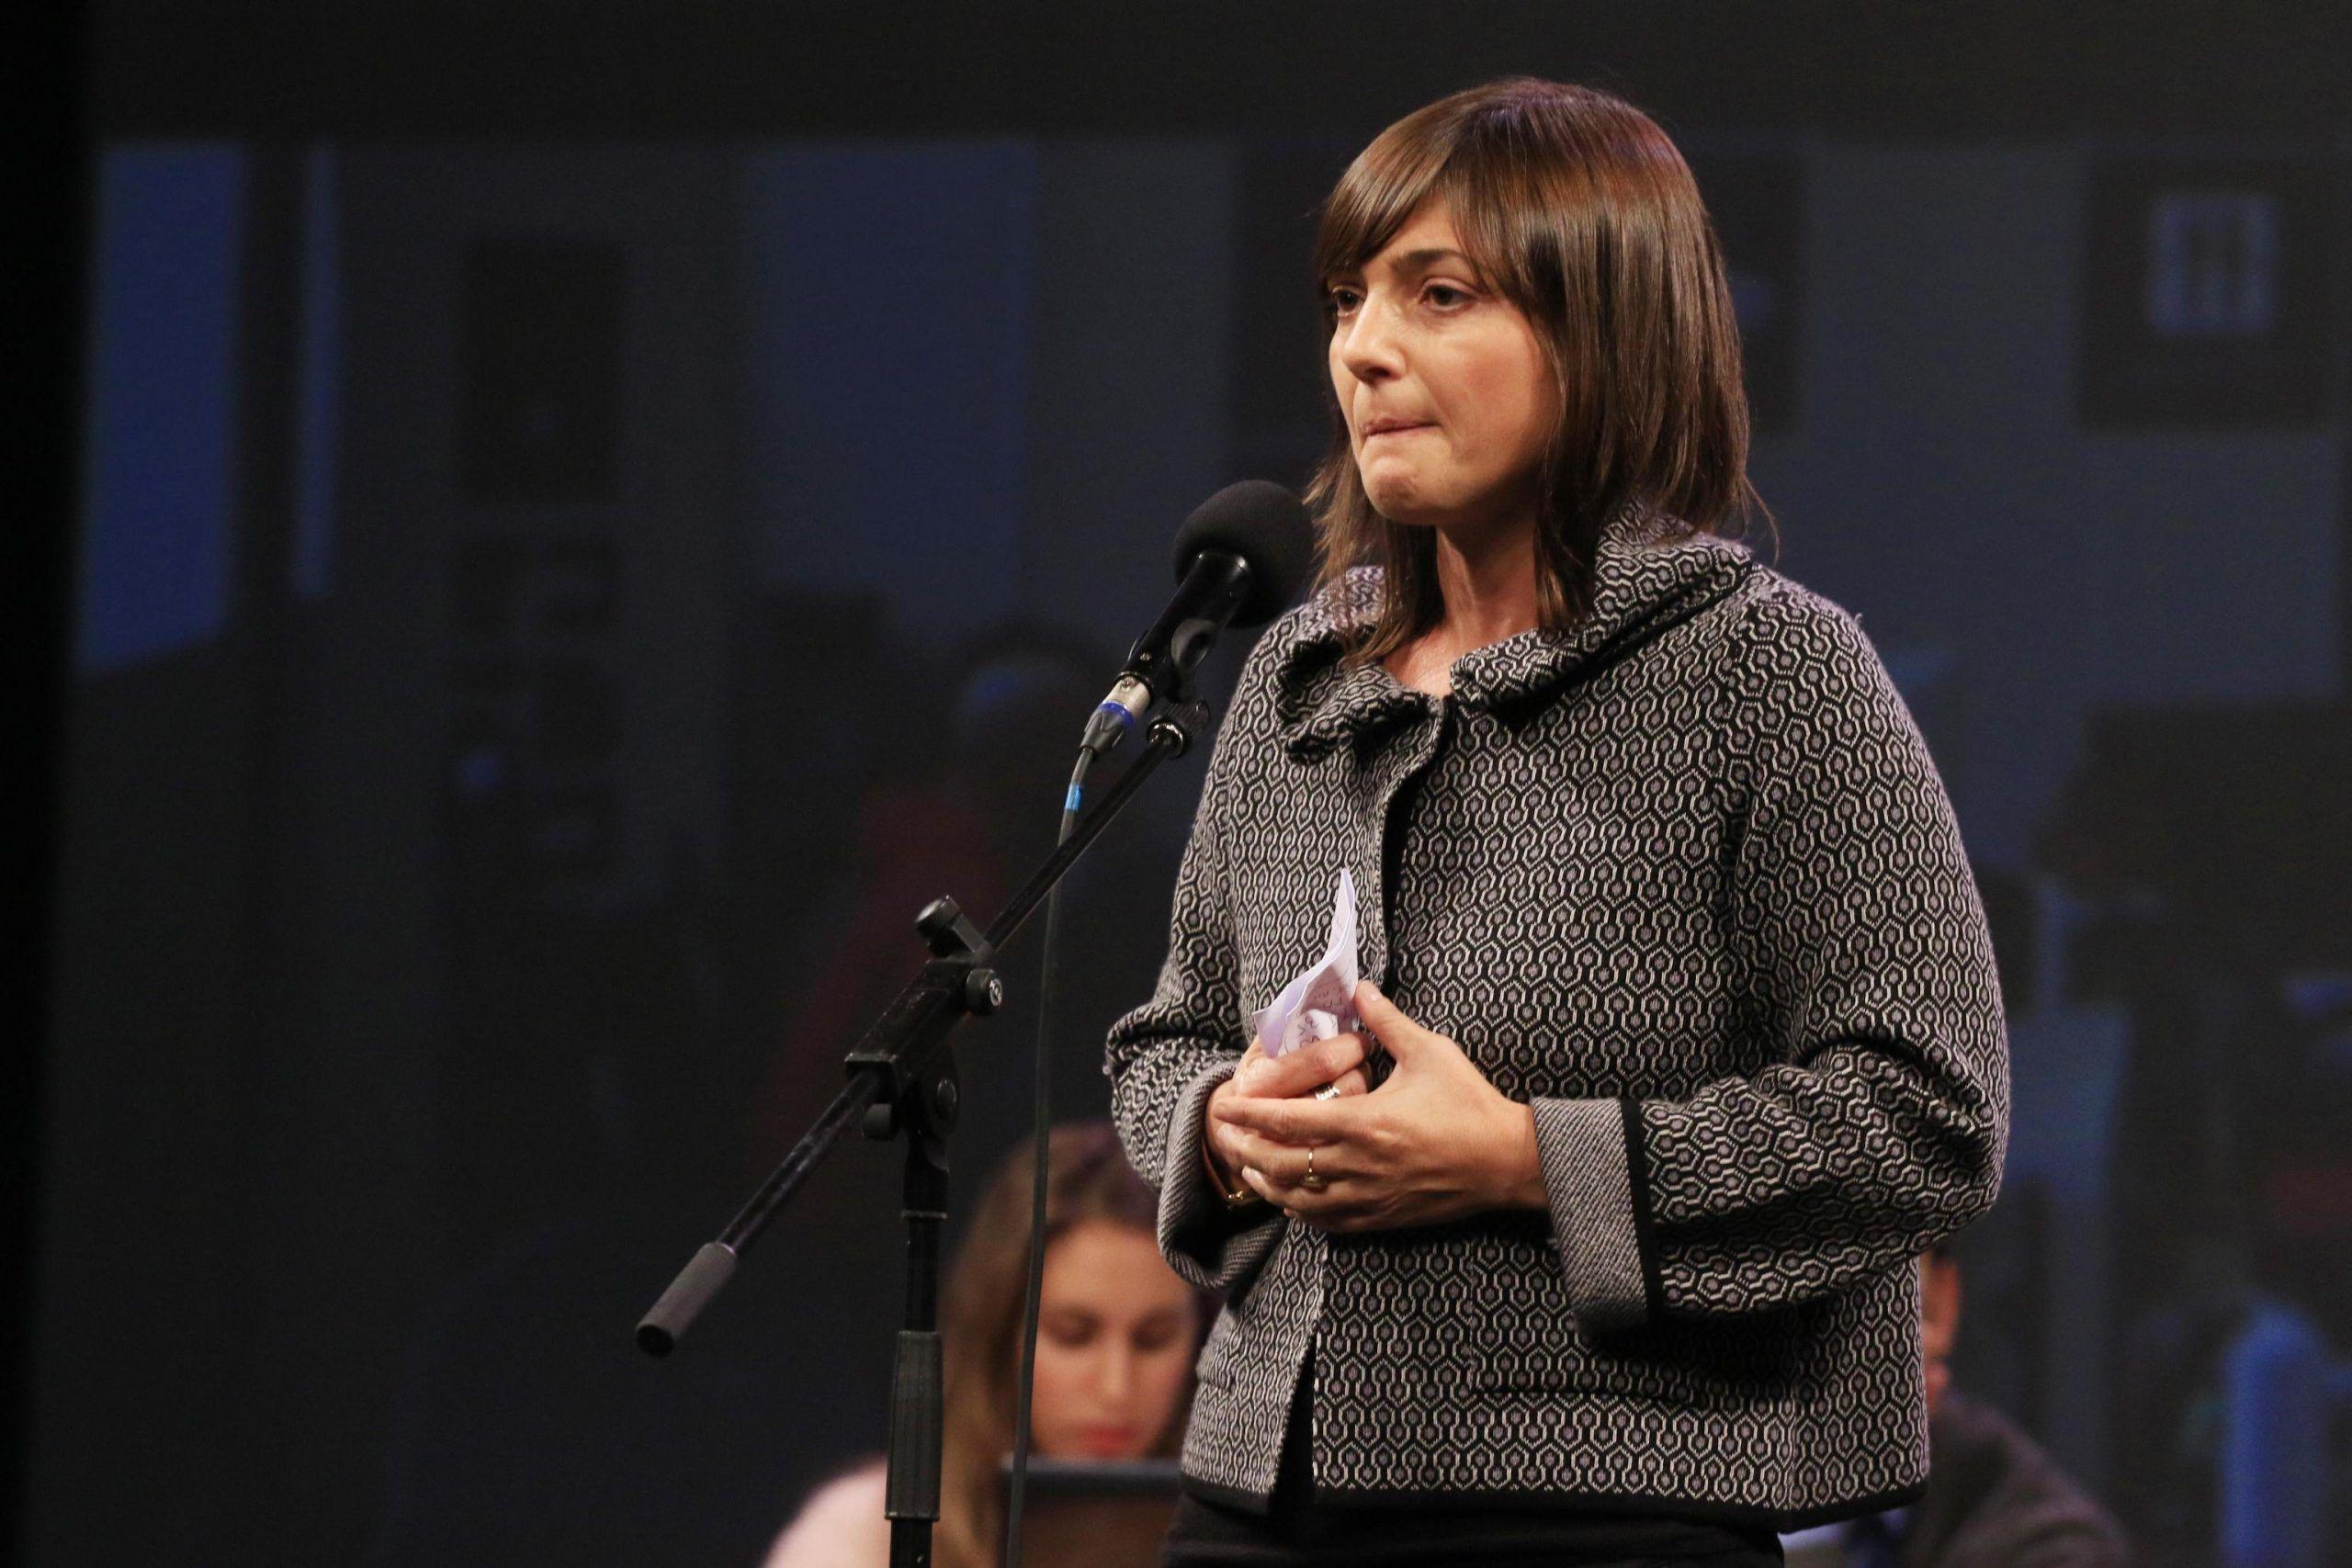 La presidente della Regione Friuli Venezia Giulia Debora Serracchiani